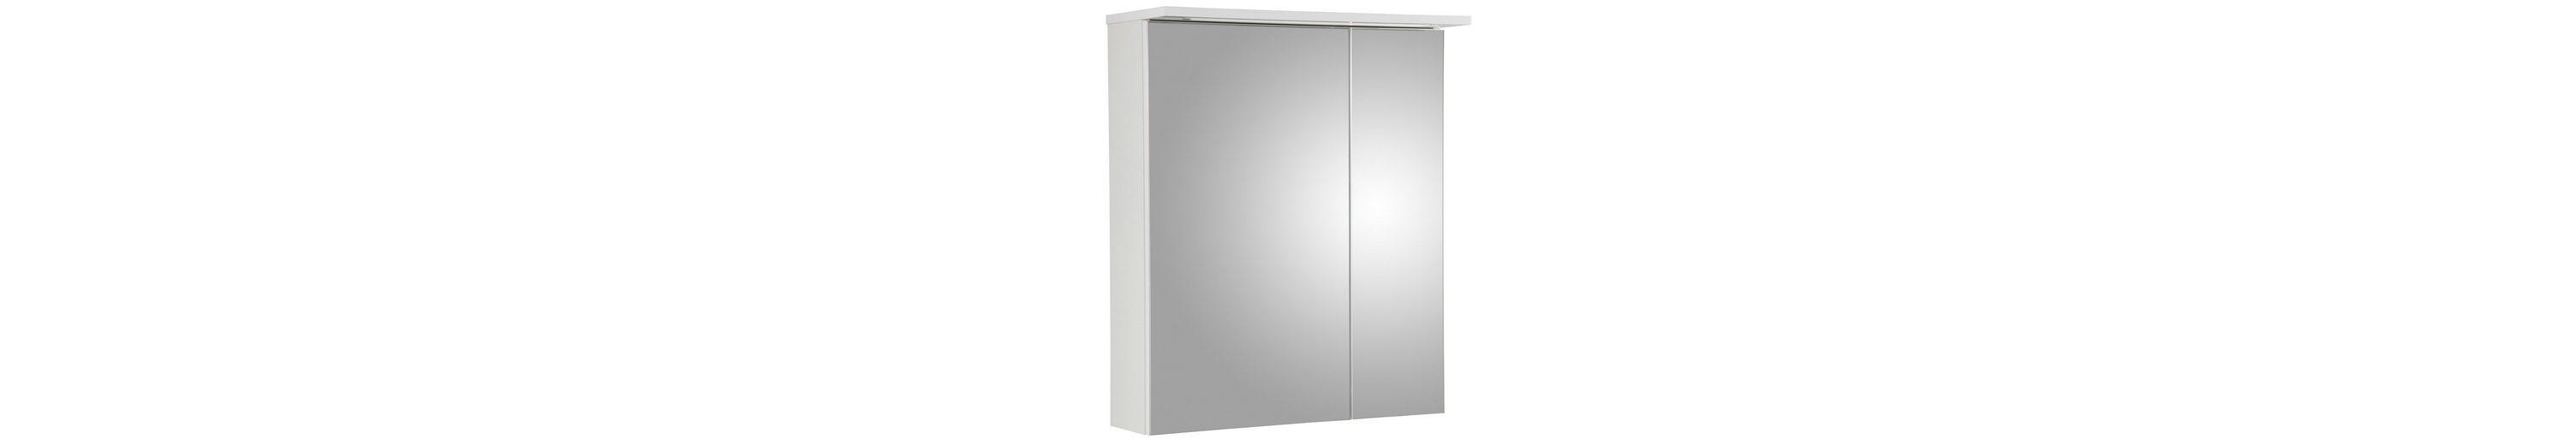 Spiegelschrank »Profil 16« mit LEDBeleuchtung online kaufen  OTTO